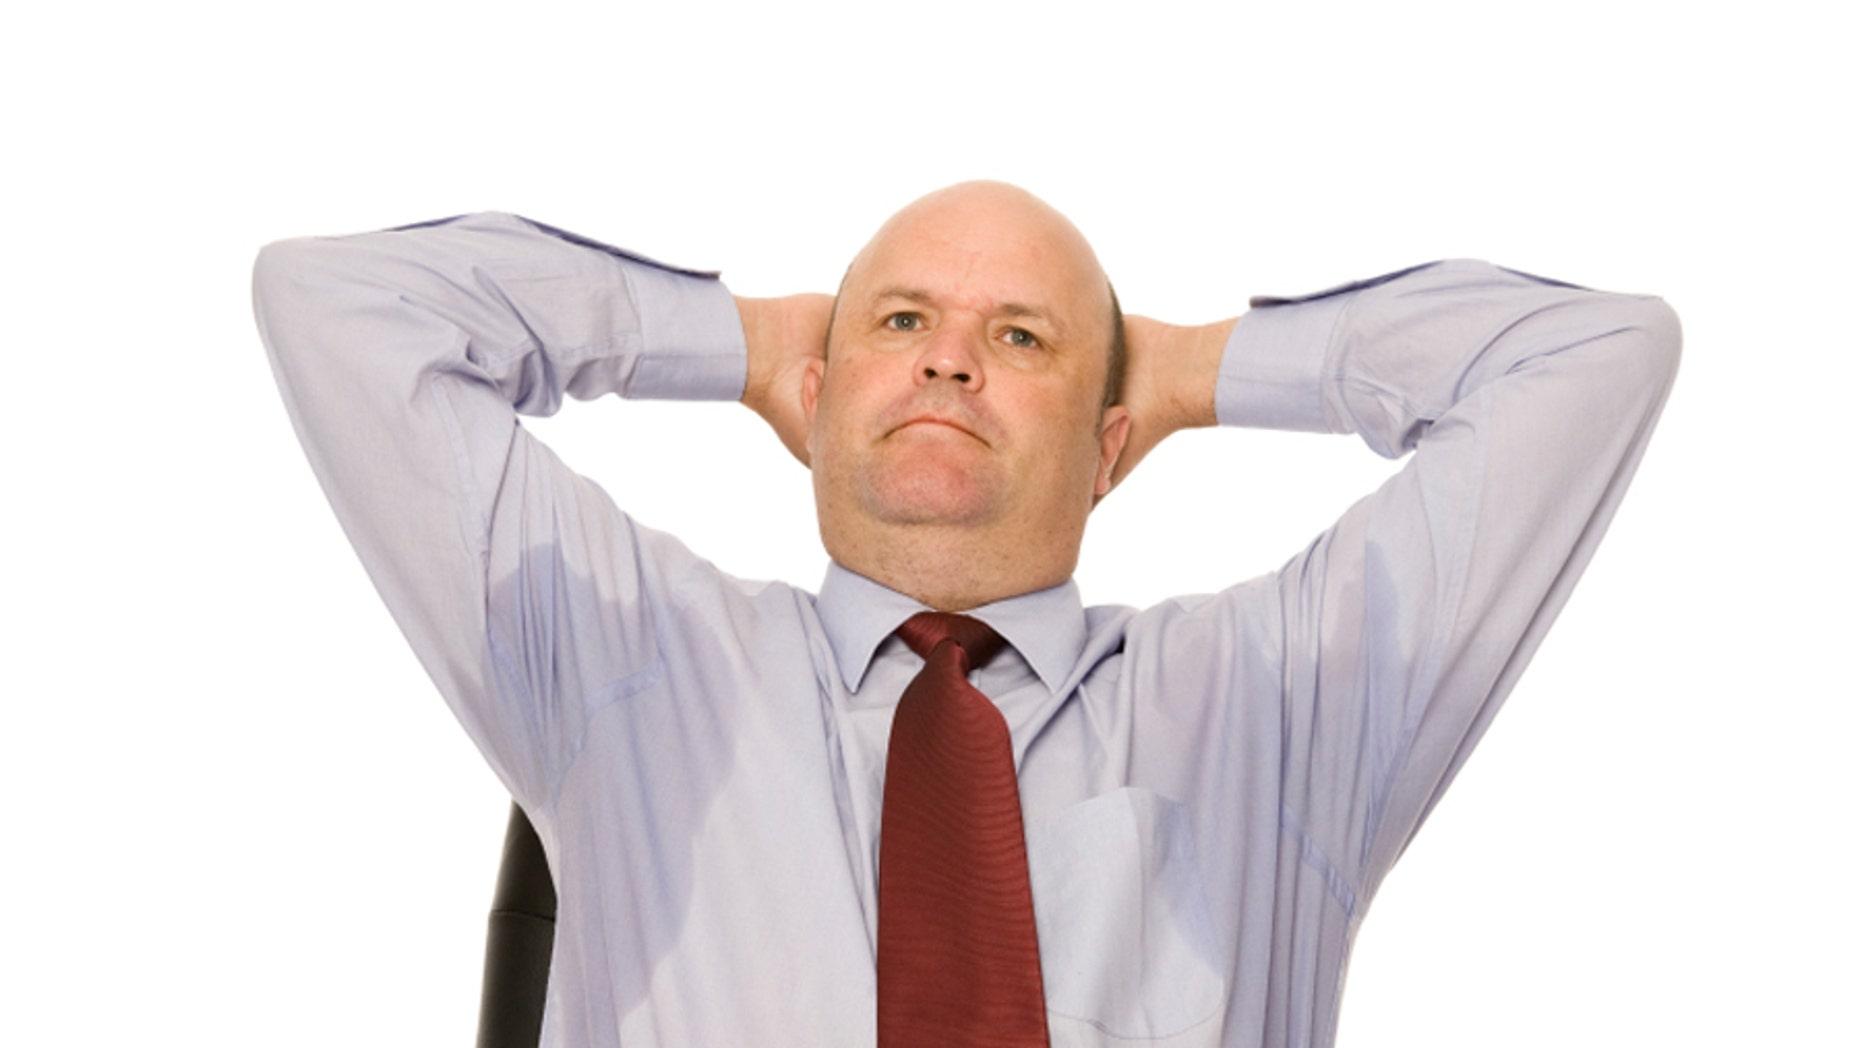 Eliminate body odor for good | Fox News